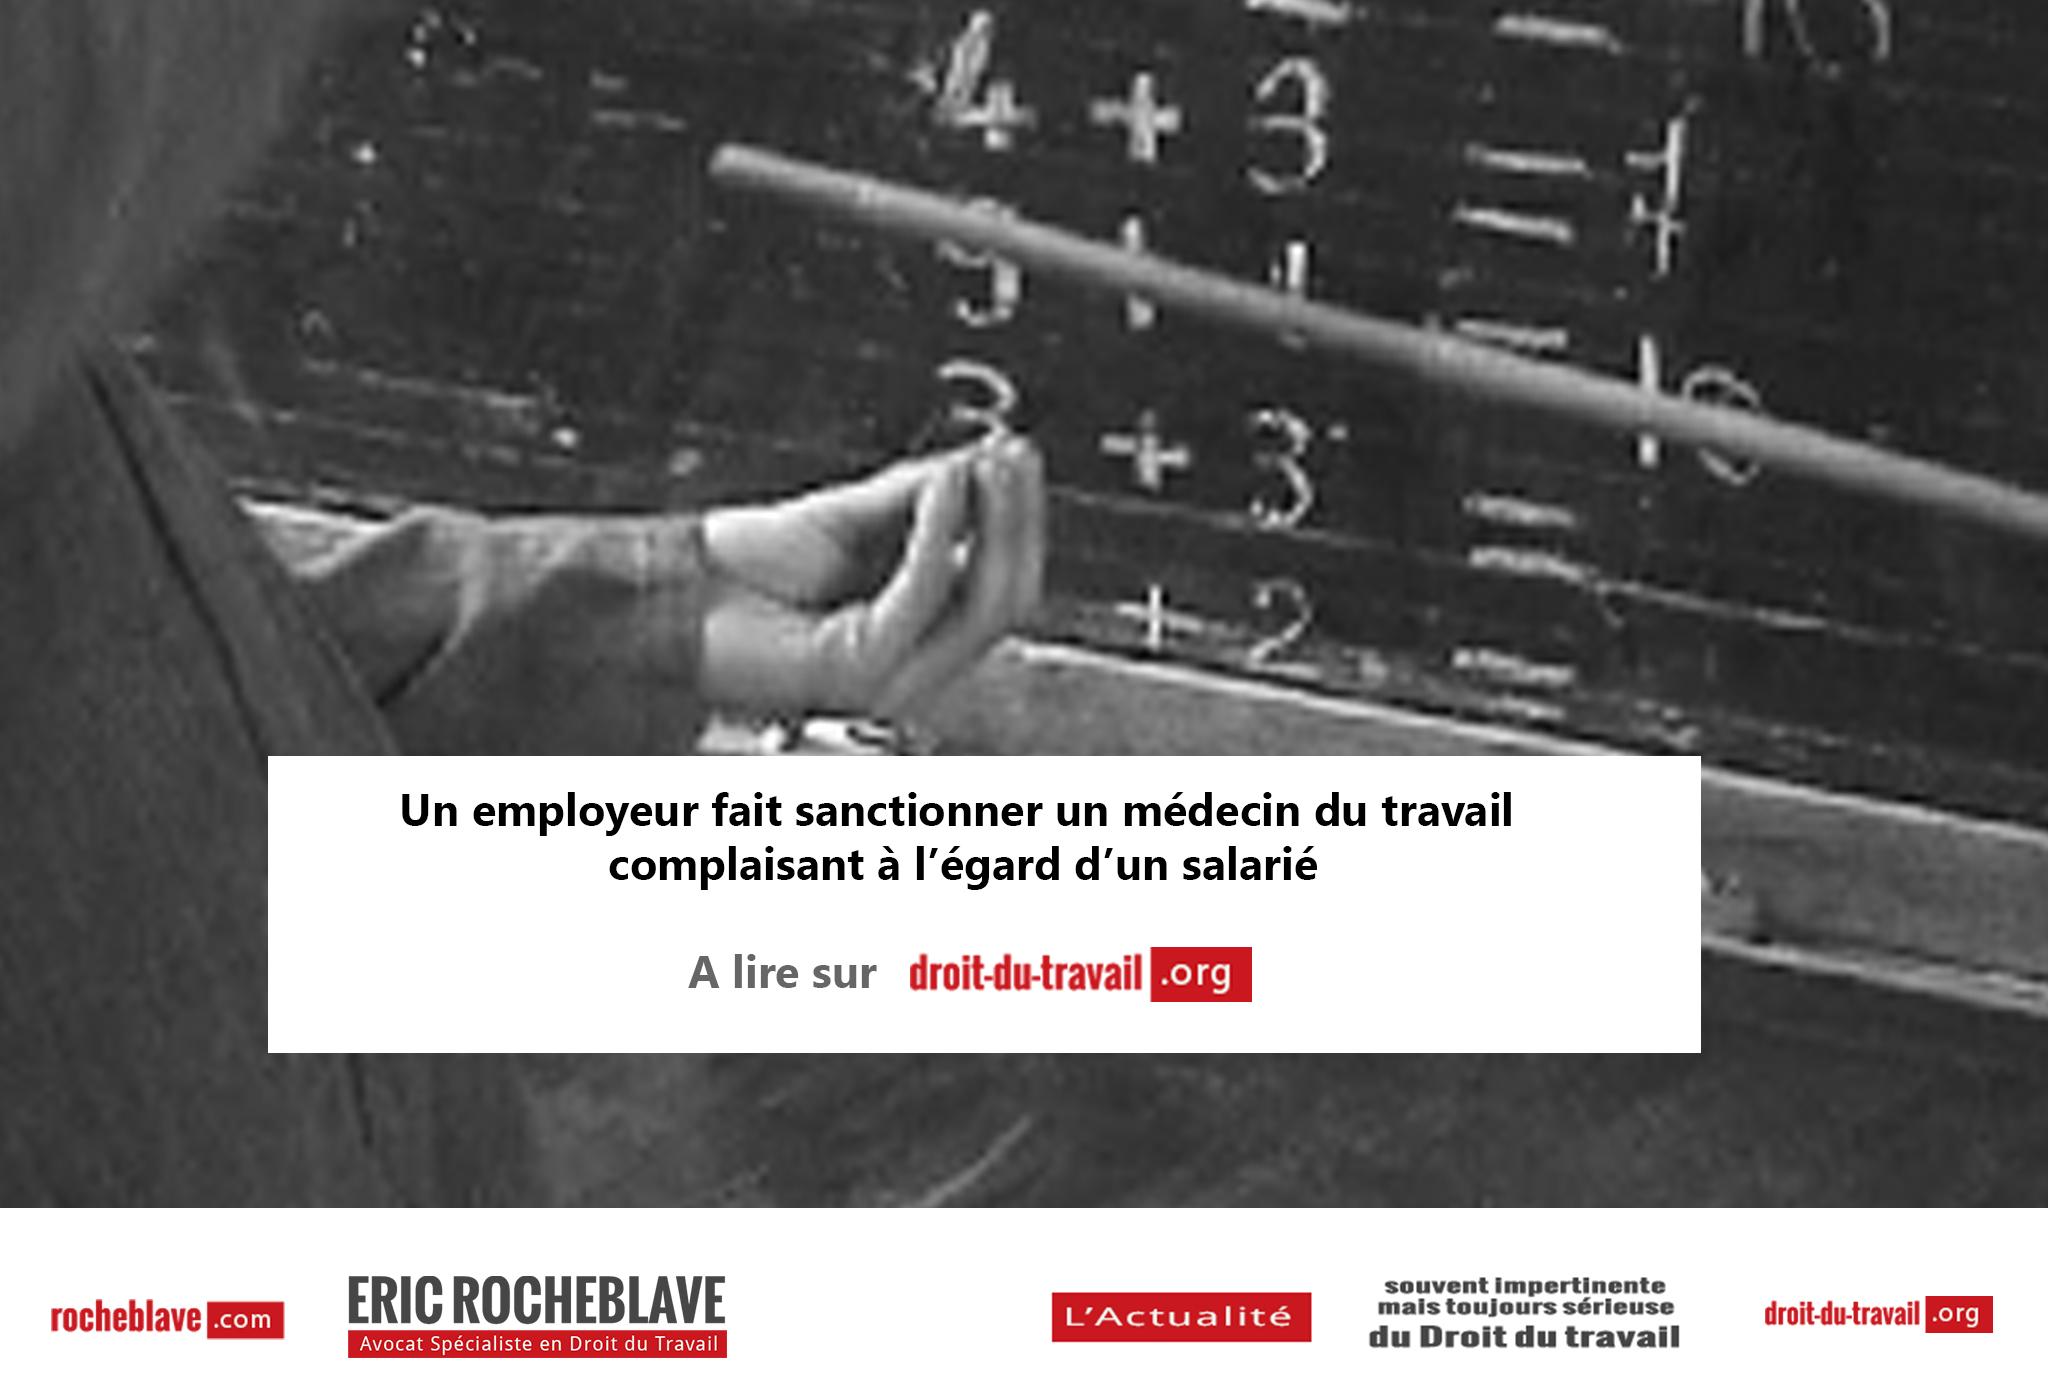 Un employeur fait sanctionner un médecin du travail complaisant à l'égard d'un salarié